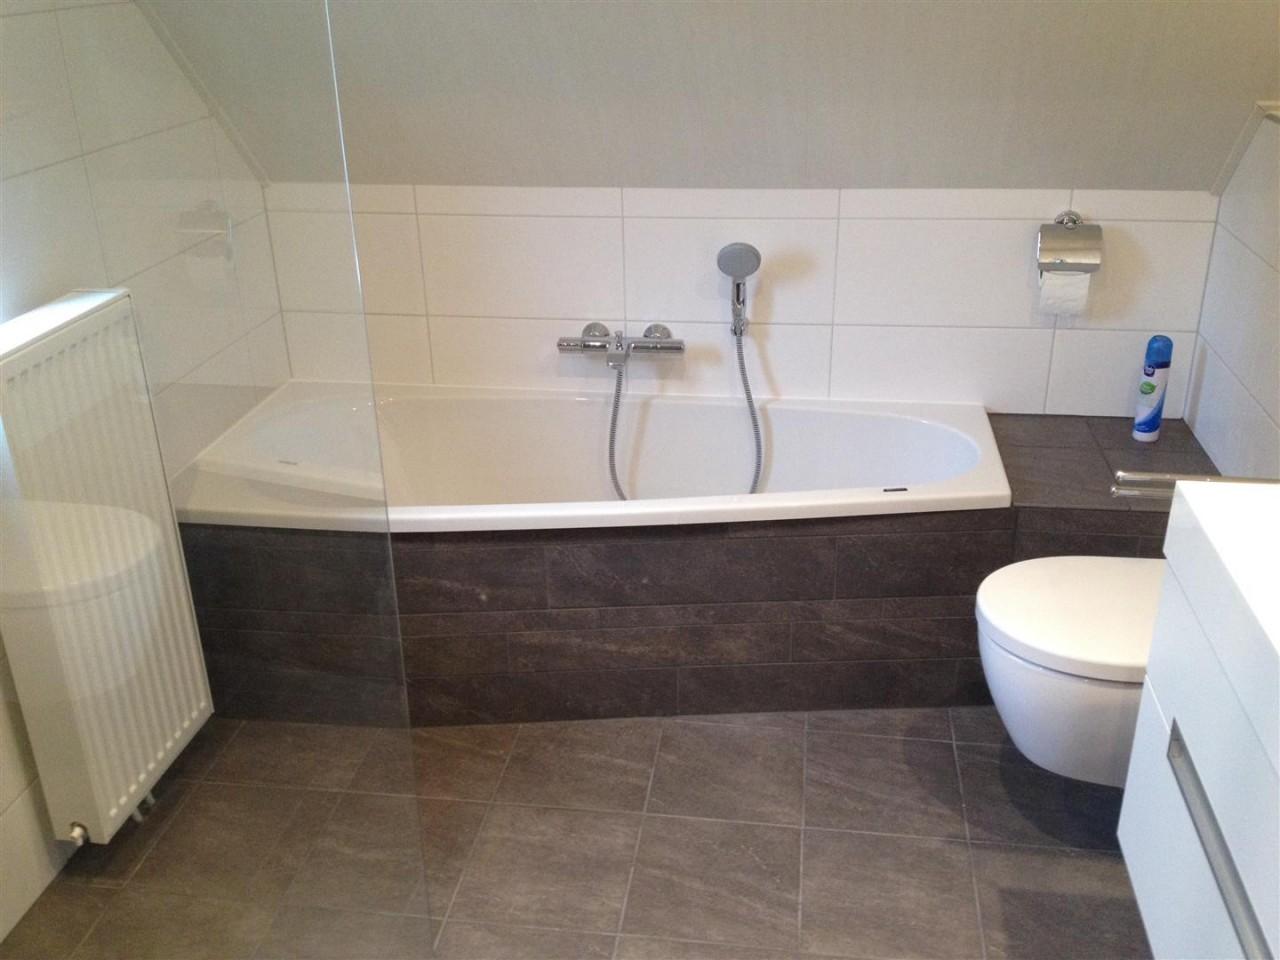 Ontwerp badkamers - Installatiebedrijf P. Buist